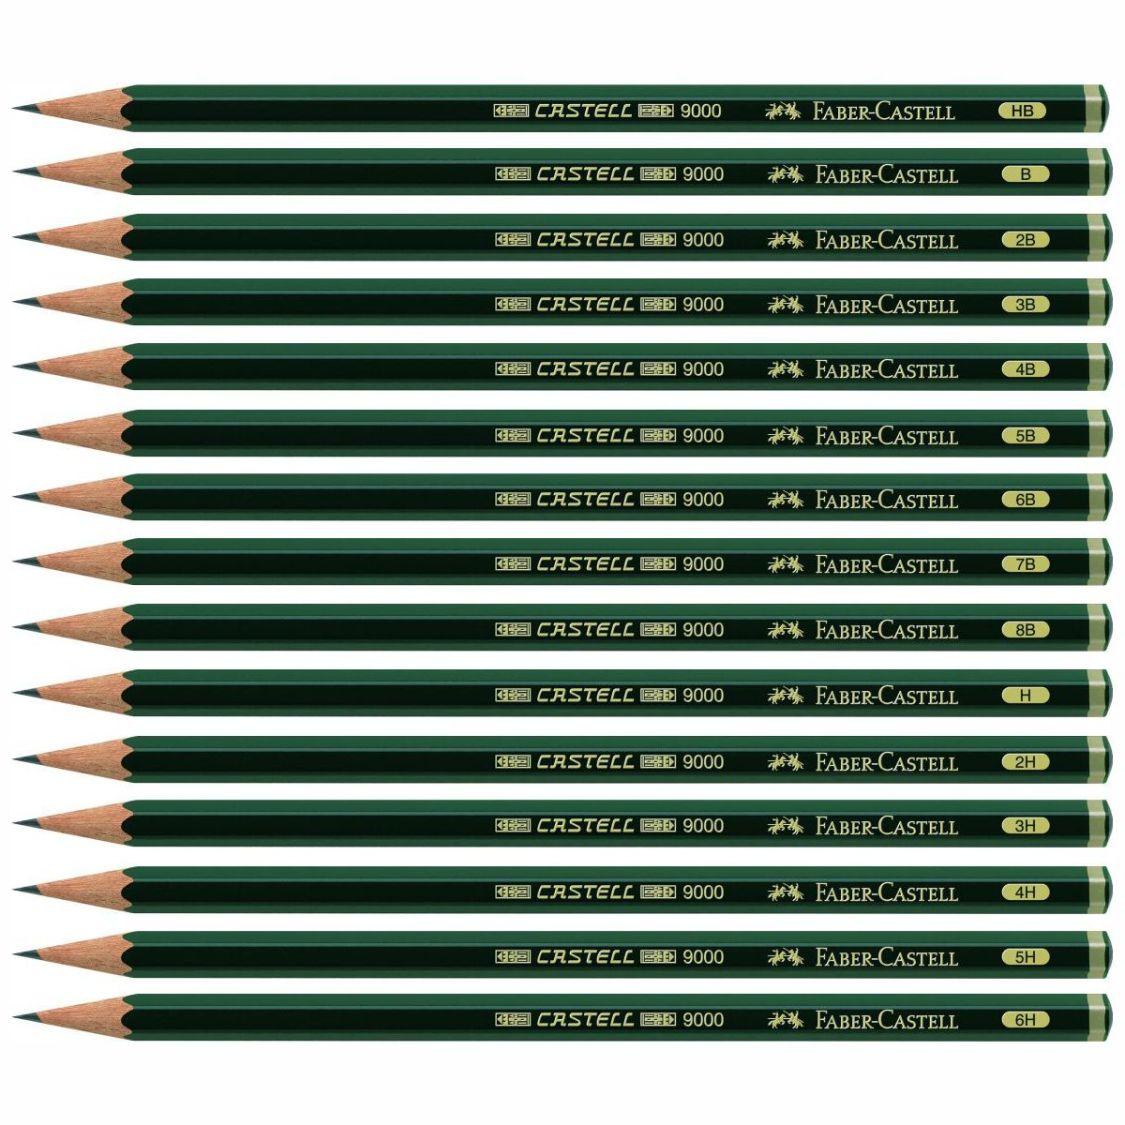 FABER CASTELL Bleistift 9000 8B-6H [Härte wählbar]